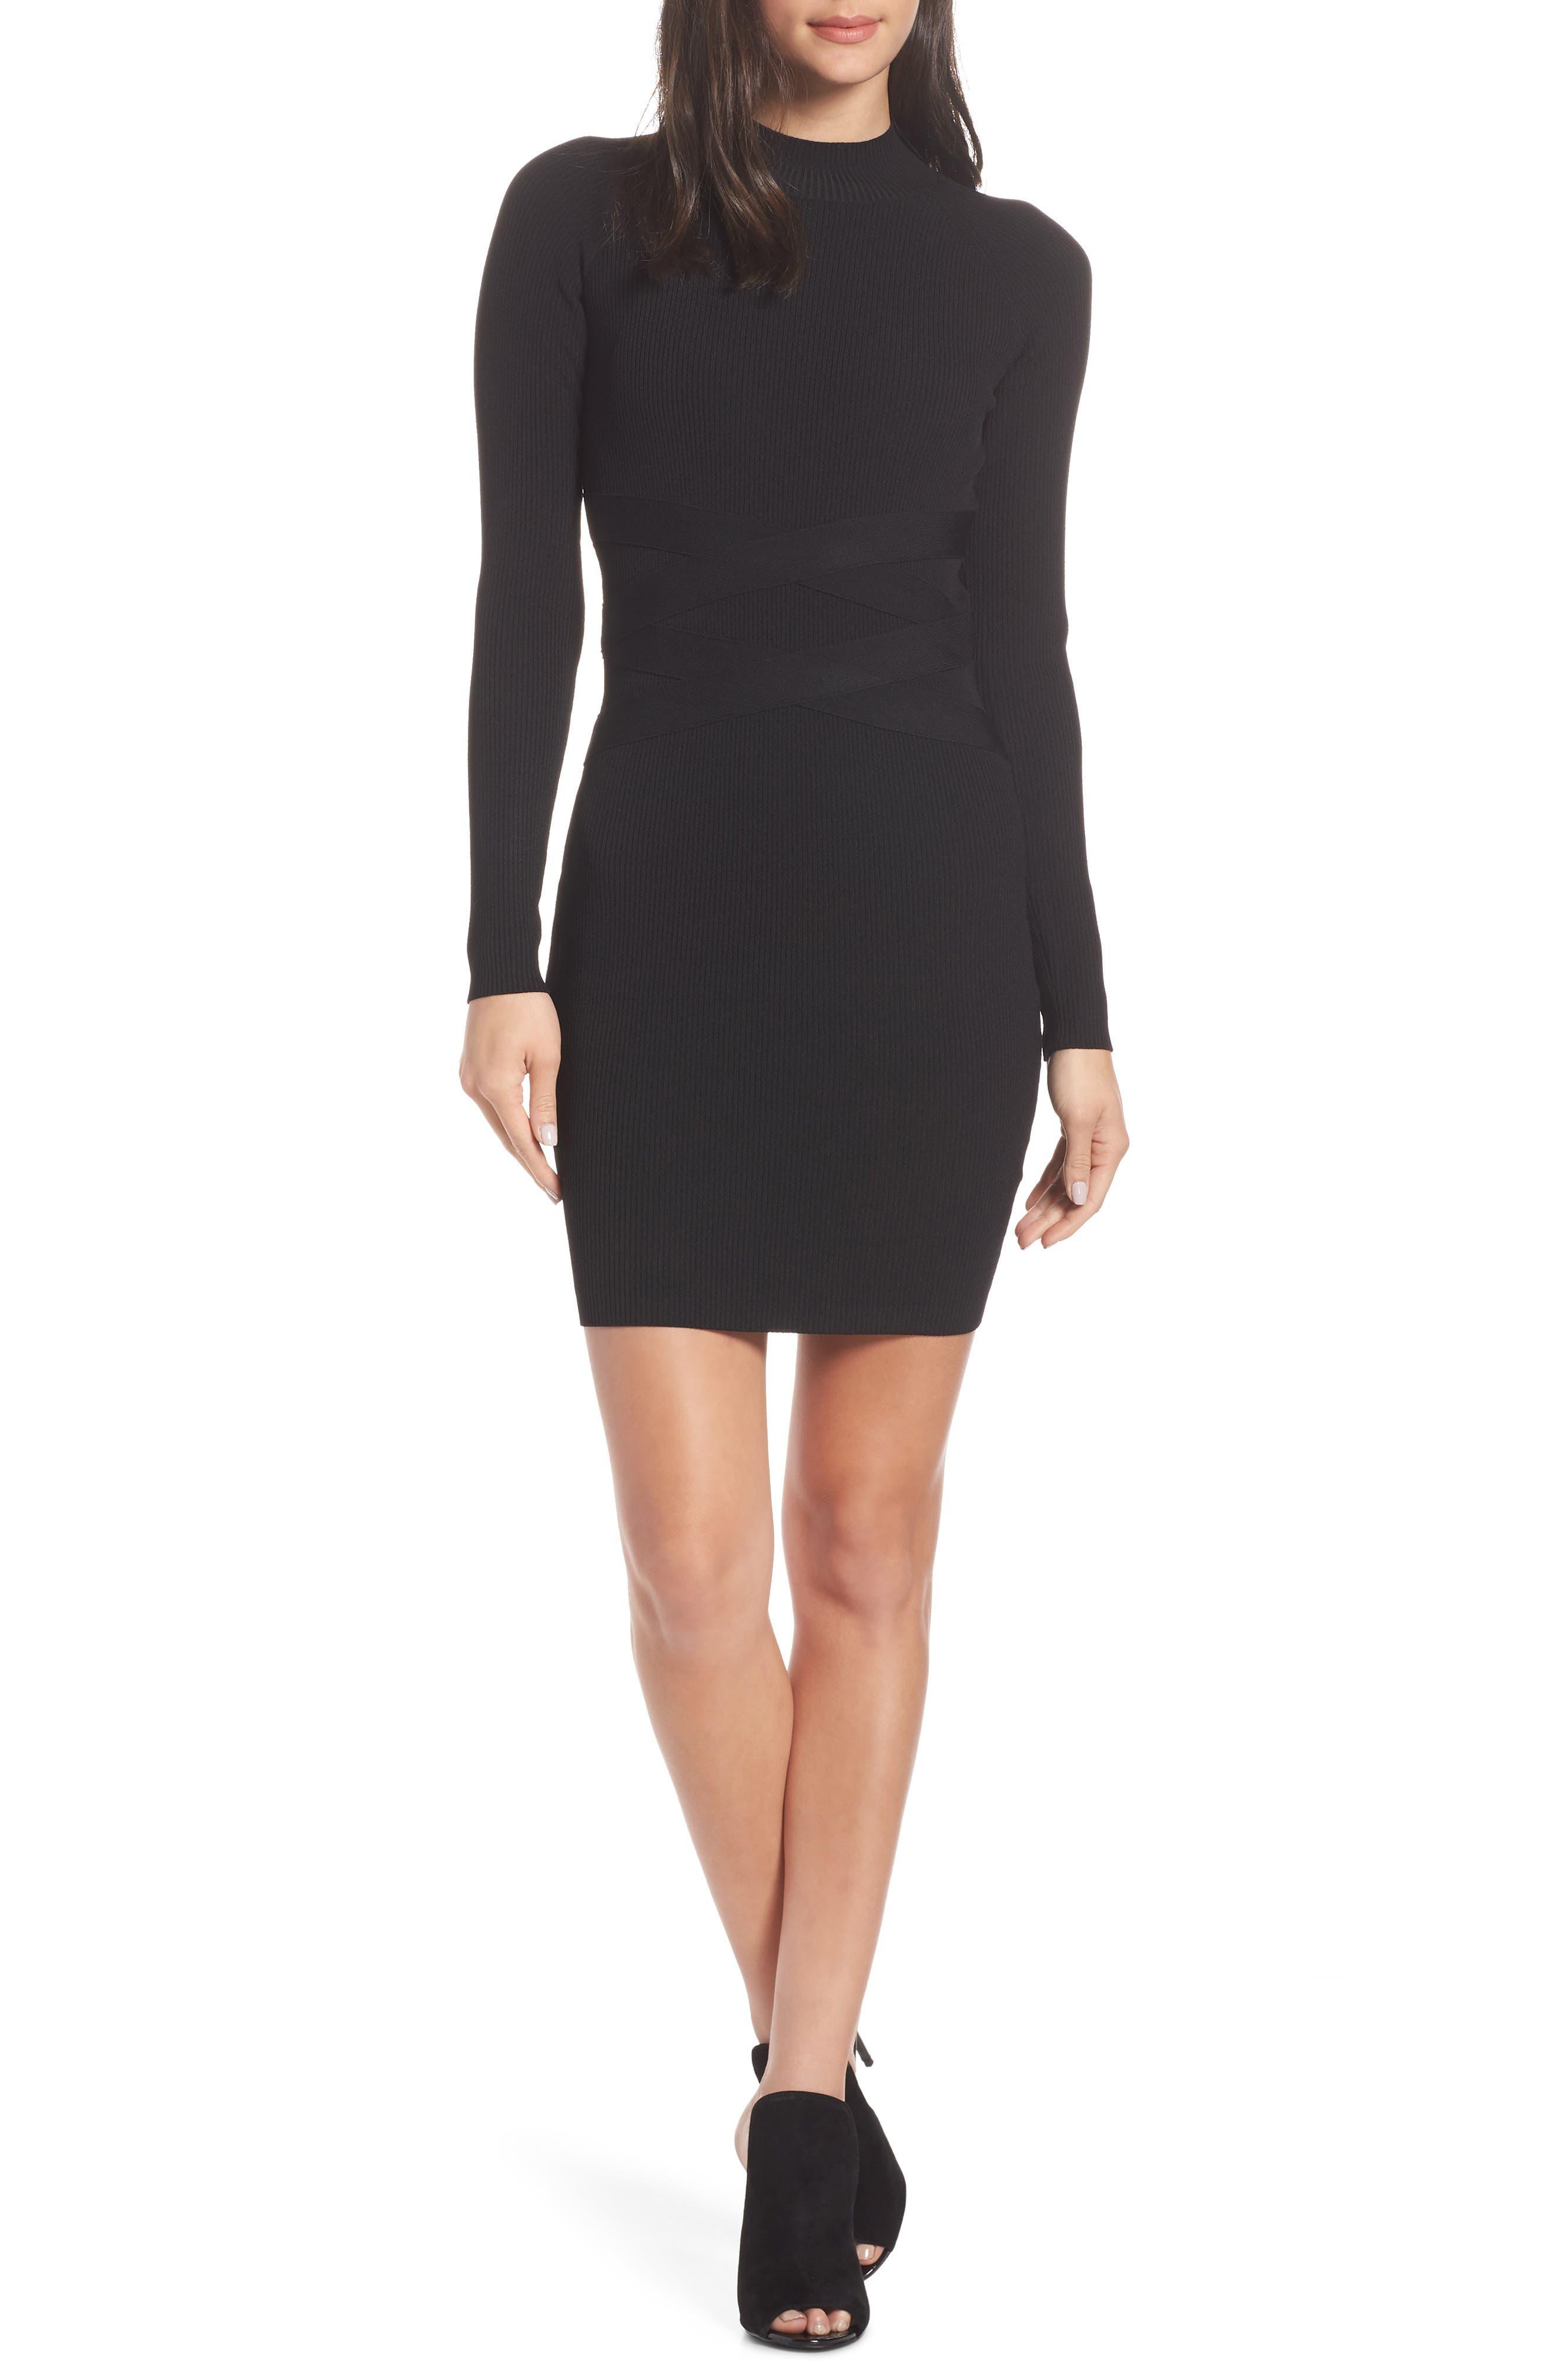 Ali & Jay Down The Road Sweater Dress, Black